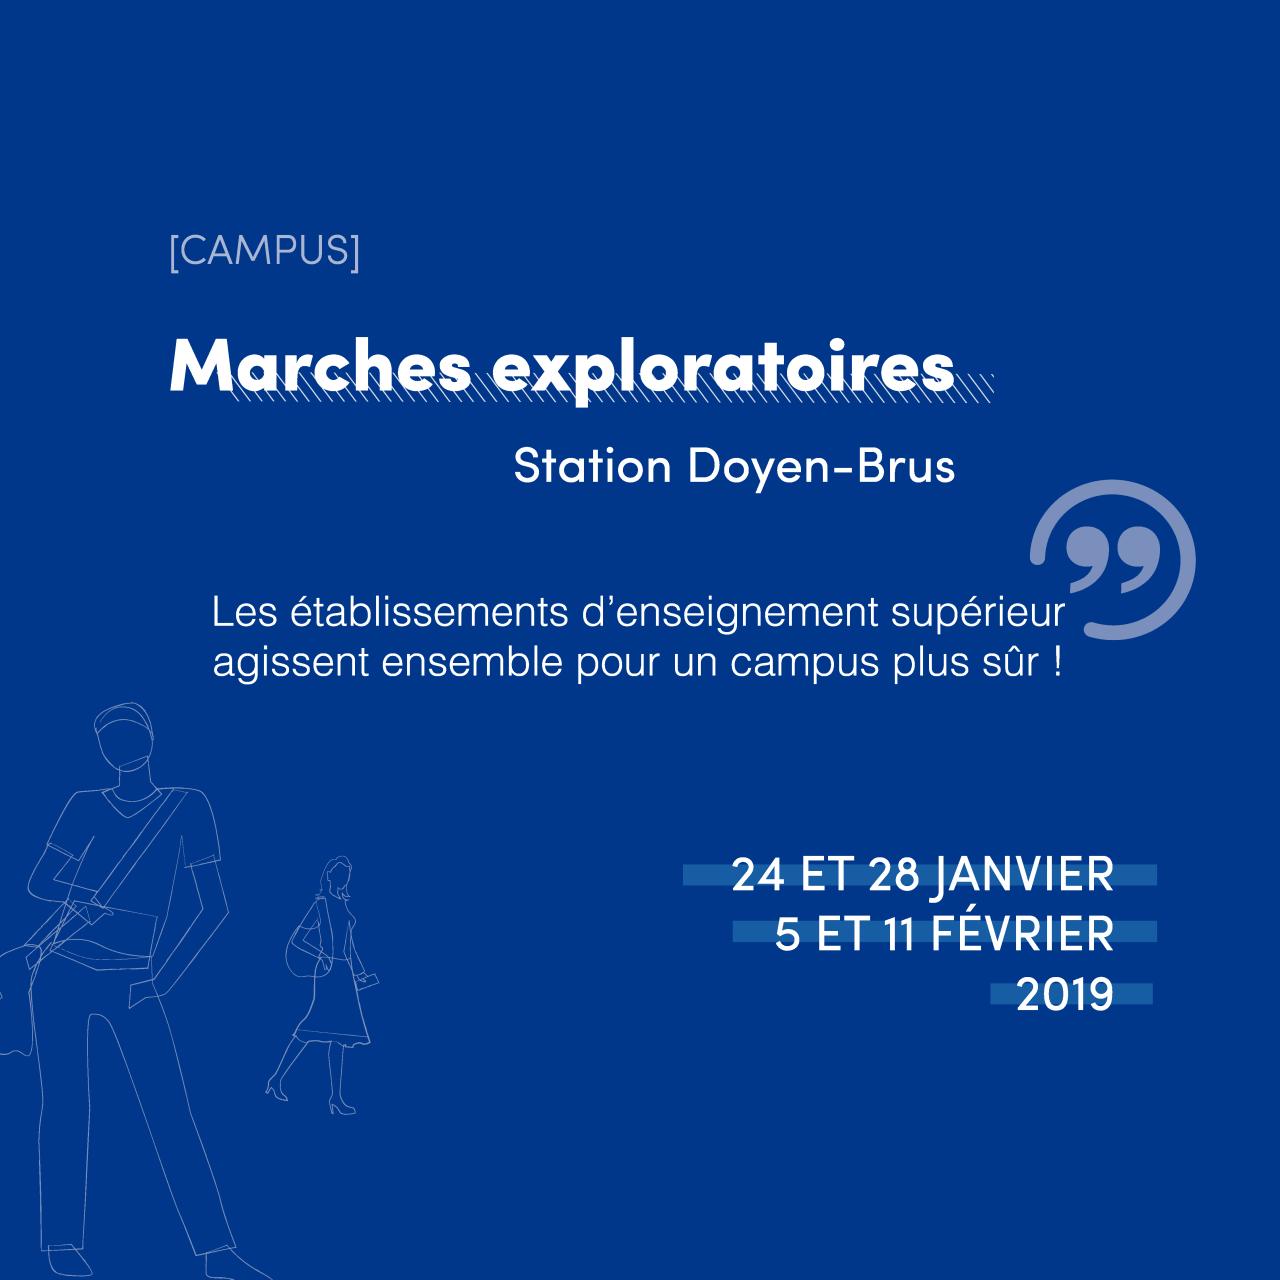 Marches_exploratoires_bordeaux